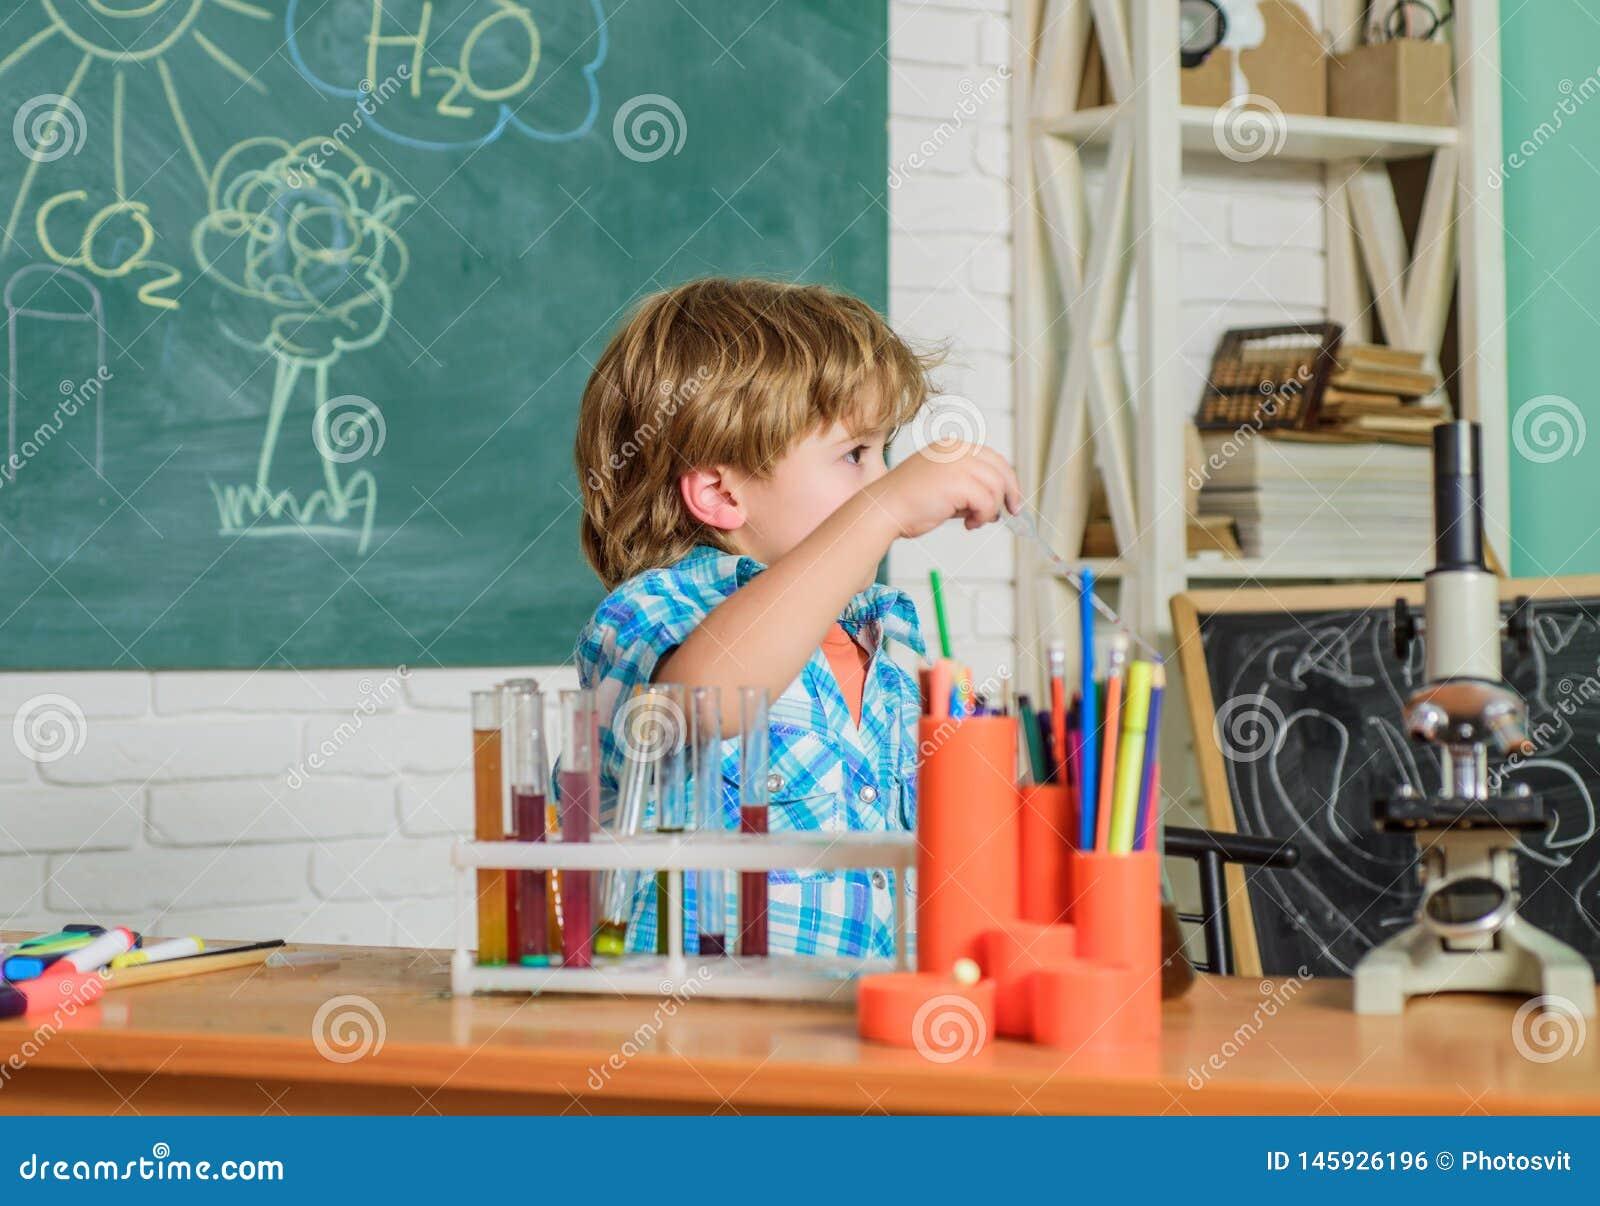 Praktisk kunskap Grundläggande kunskap h?rd study Mätbara resultat E Kritiskt tänka och